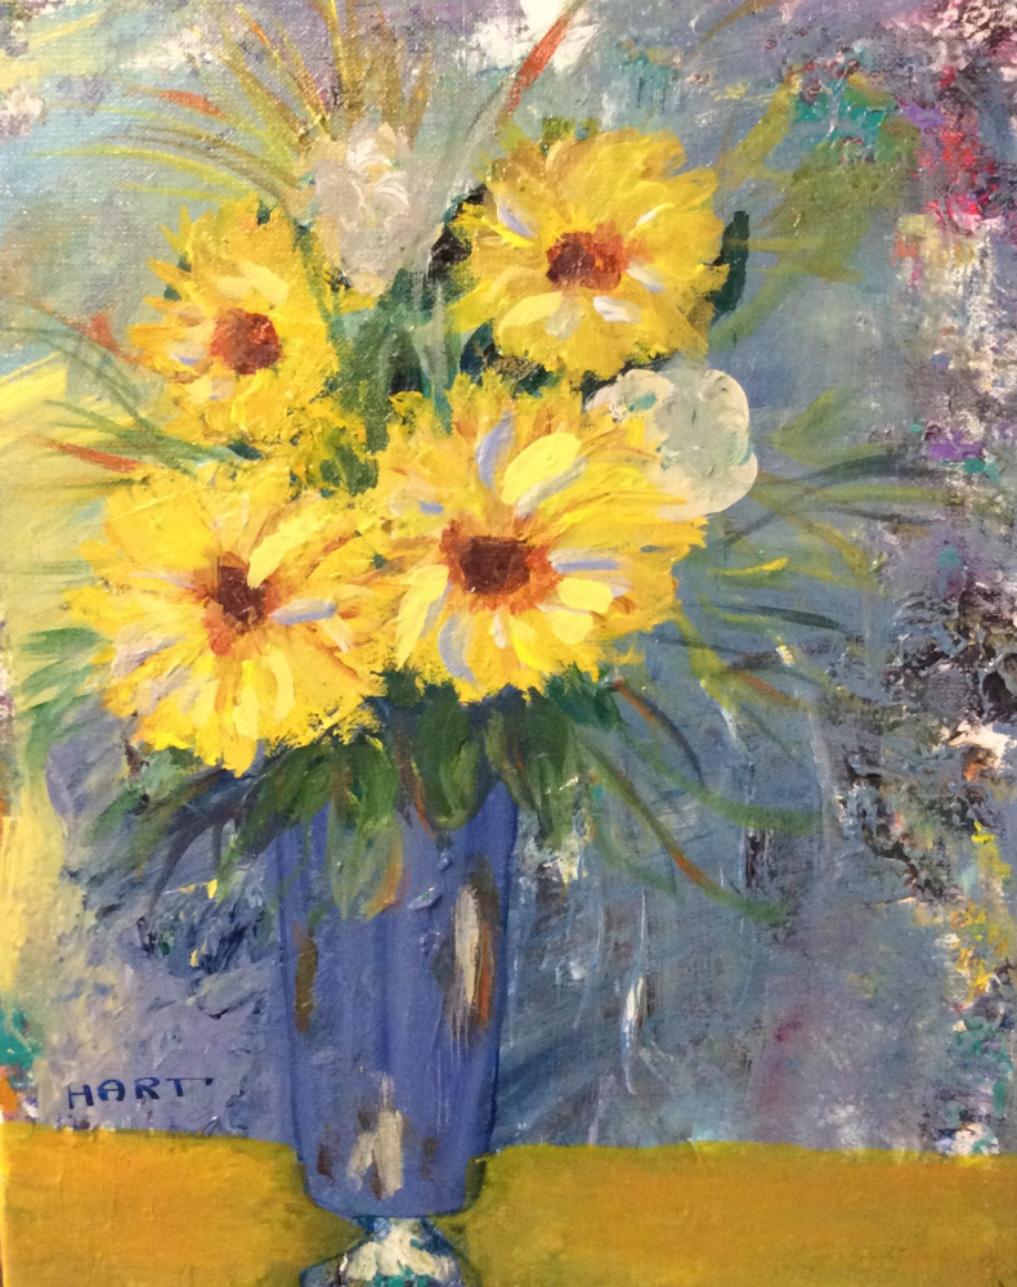 hart_barbara-sunflowers